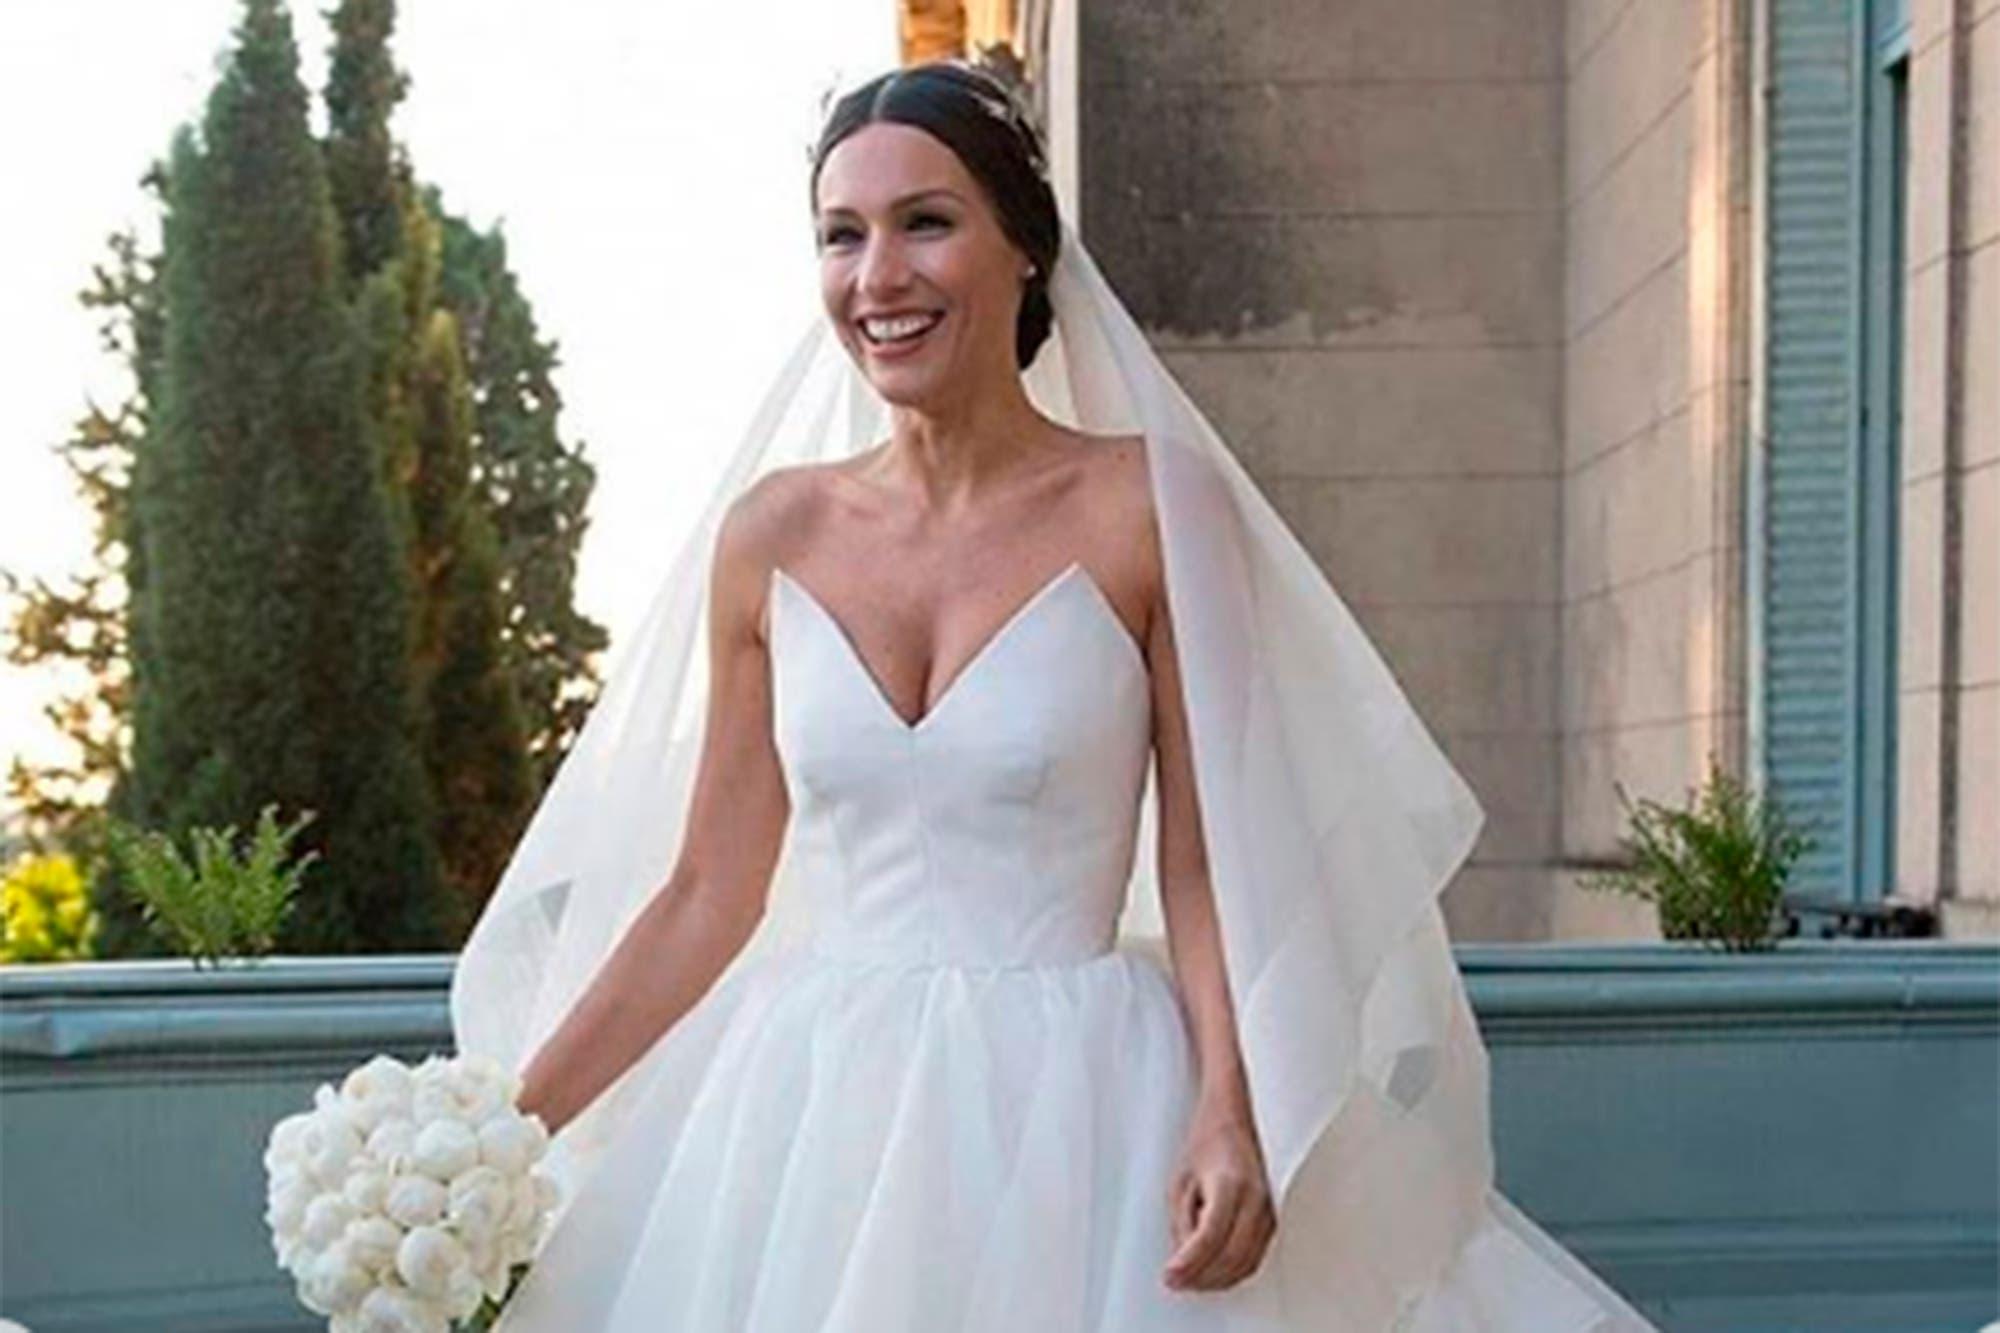 El casamiento de Pampita: el emotivo y revelador video que compartió la modelo sobre su casamiento